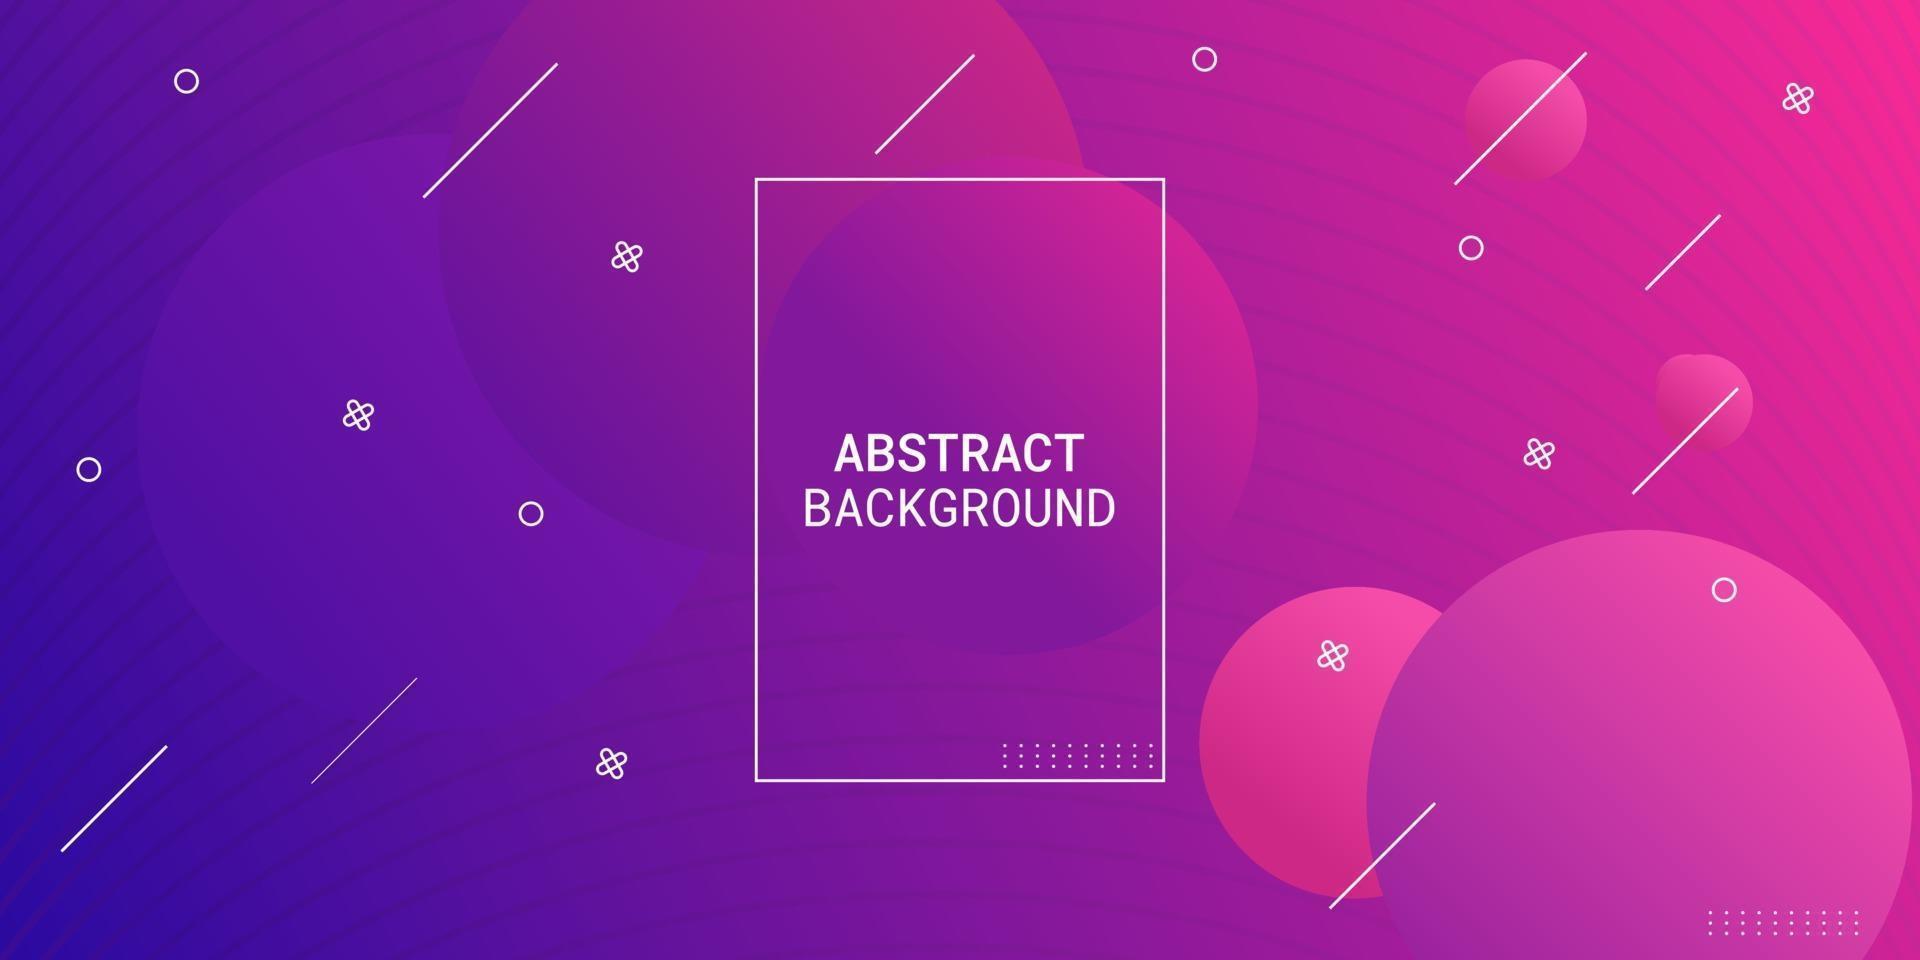 moderne abstrait violet et rose dégradé géométrique vecteur